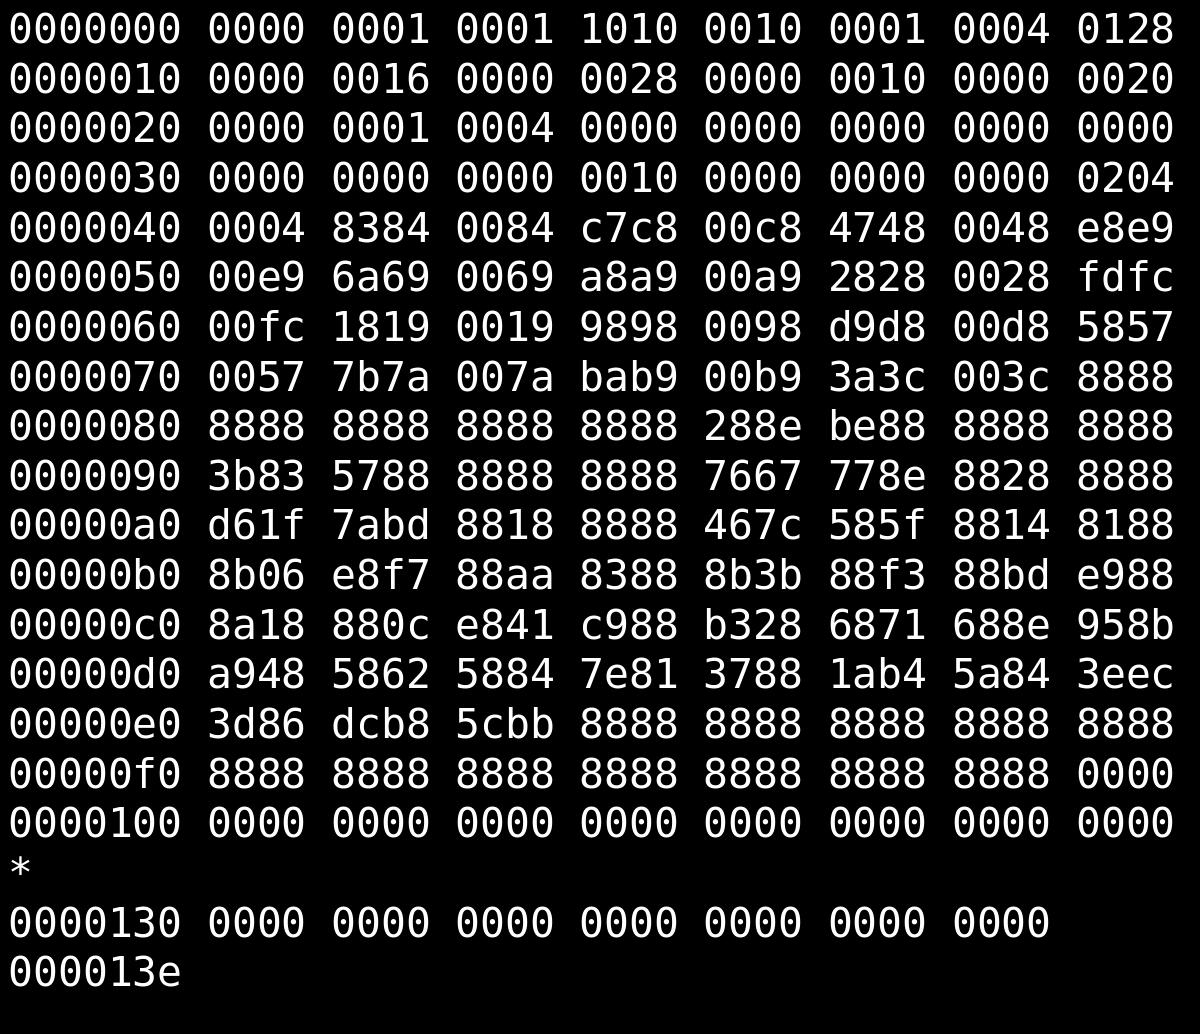 Definisi Software Coding Biner